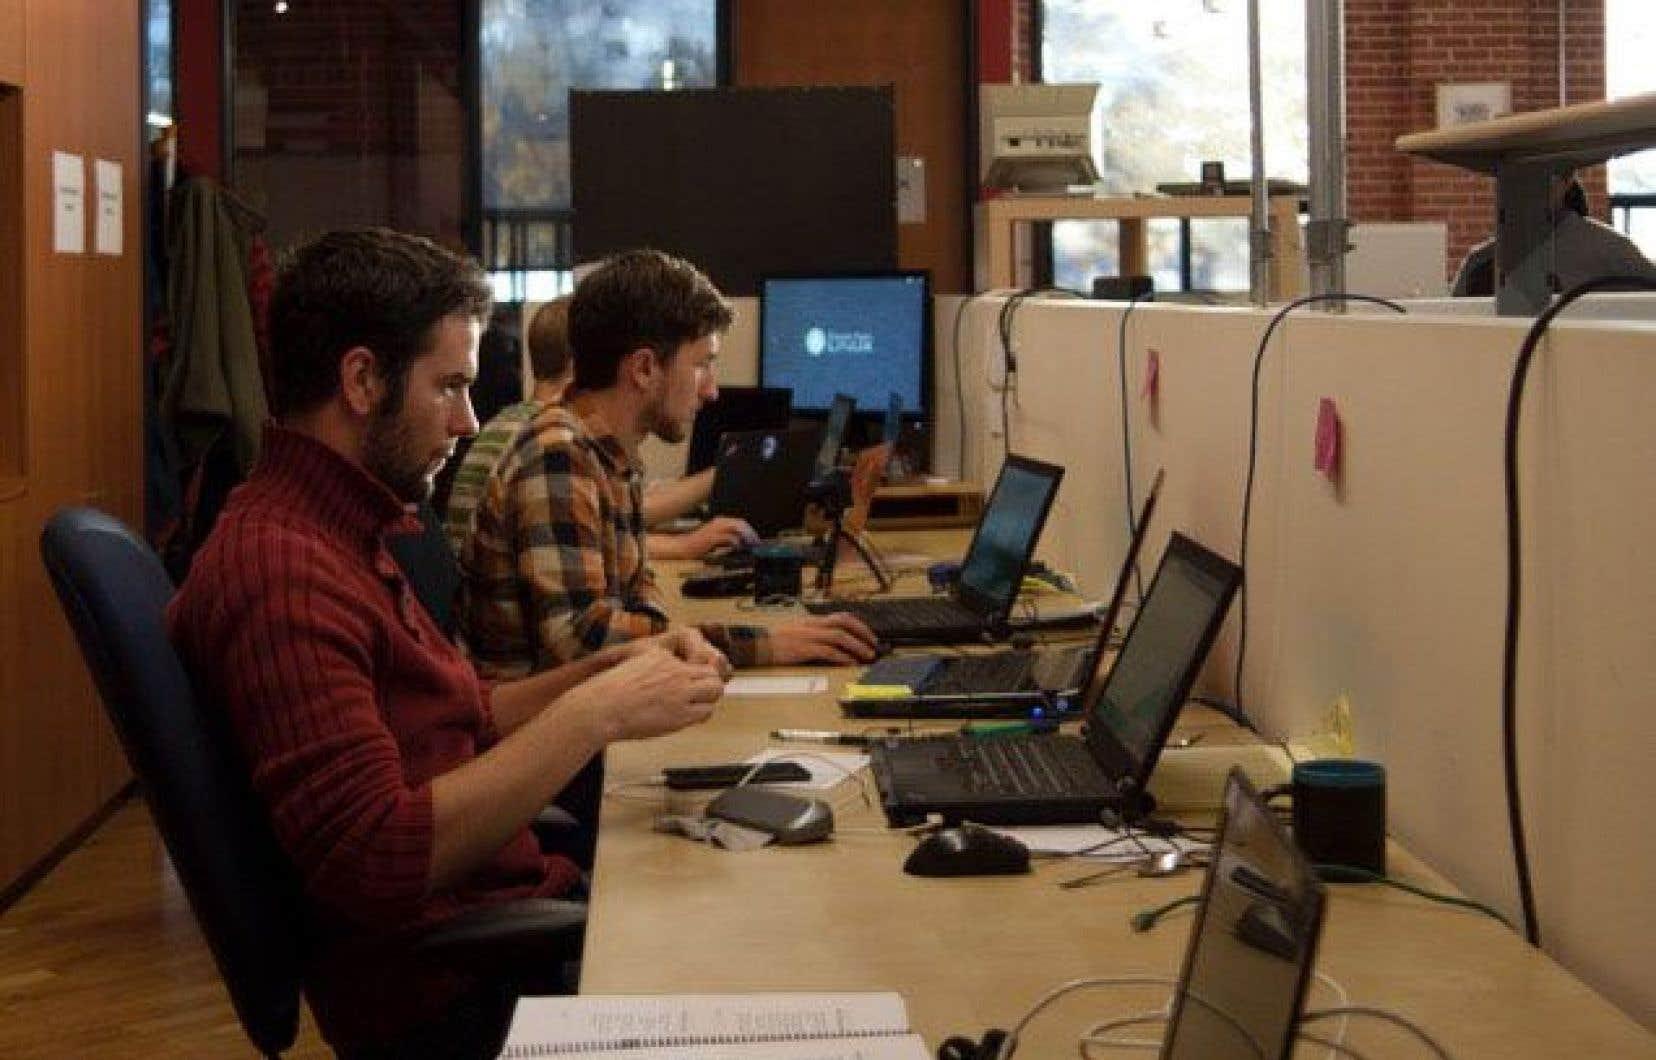 Environnement de travail chez Savoir-faire Linux, un leader en technologie ouverte au Canada